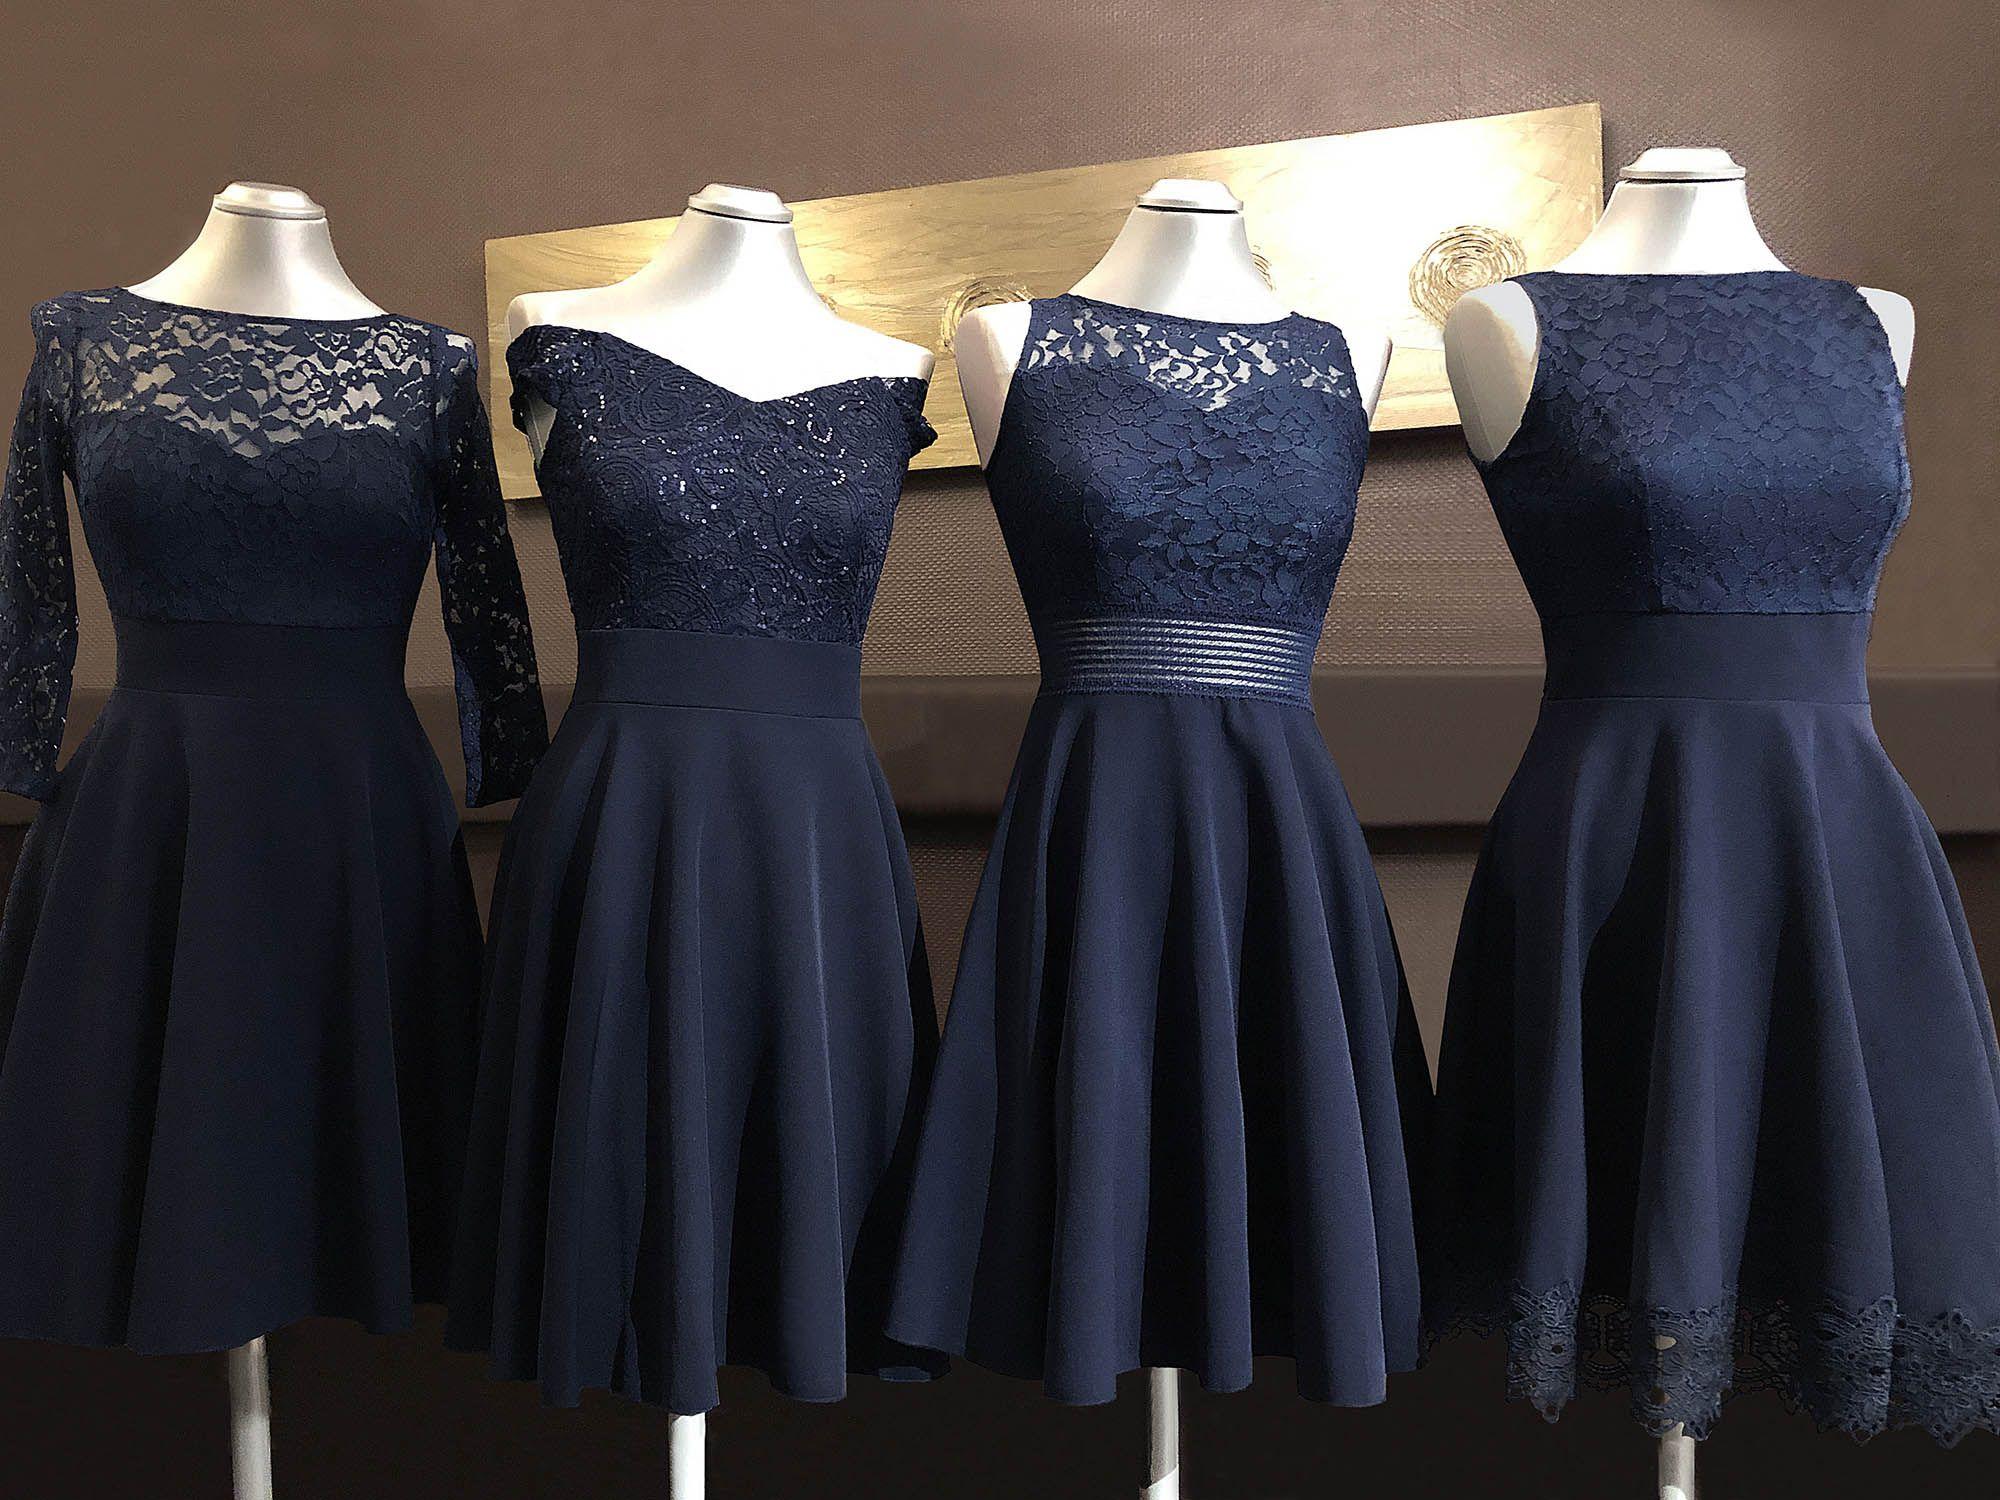 Konfirmation Kleid Blau Spitze kurze lange Ärmel Ärmellos in 13